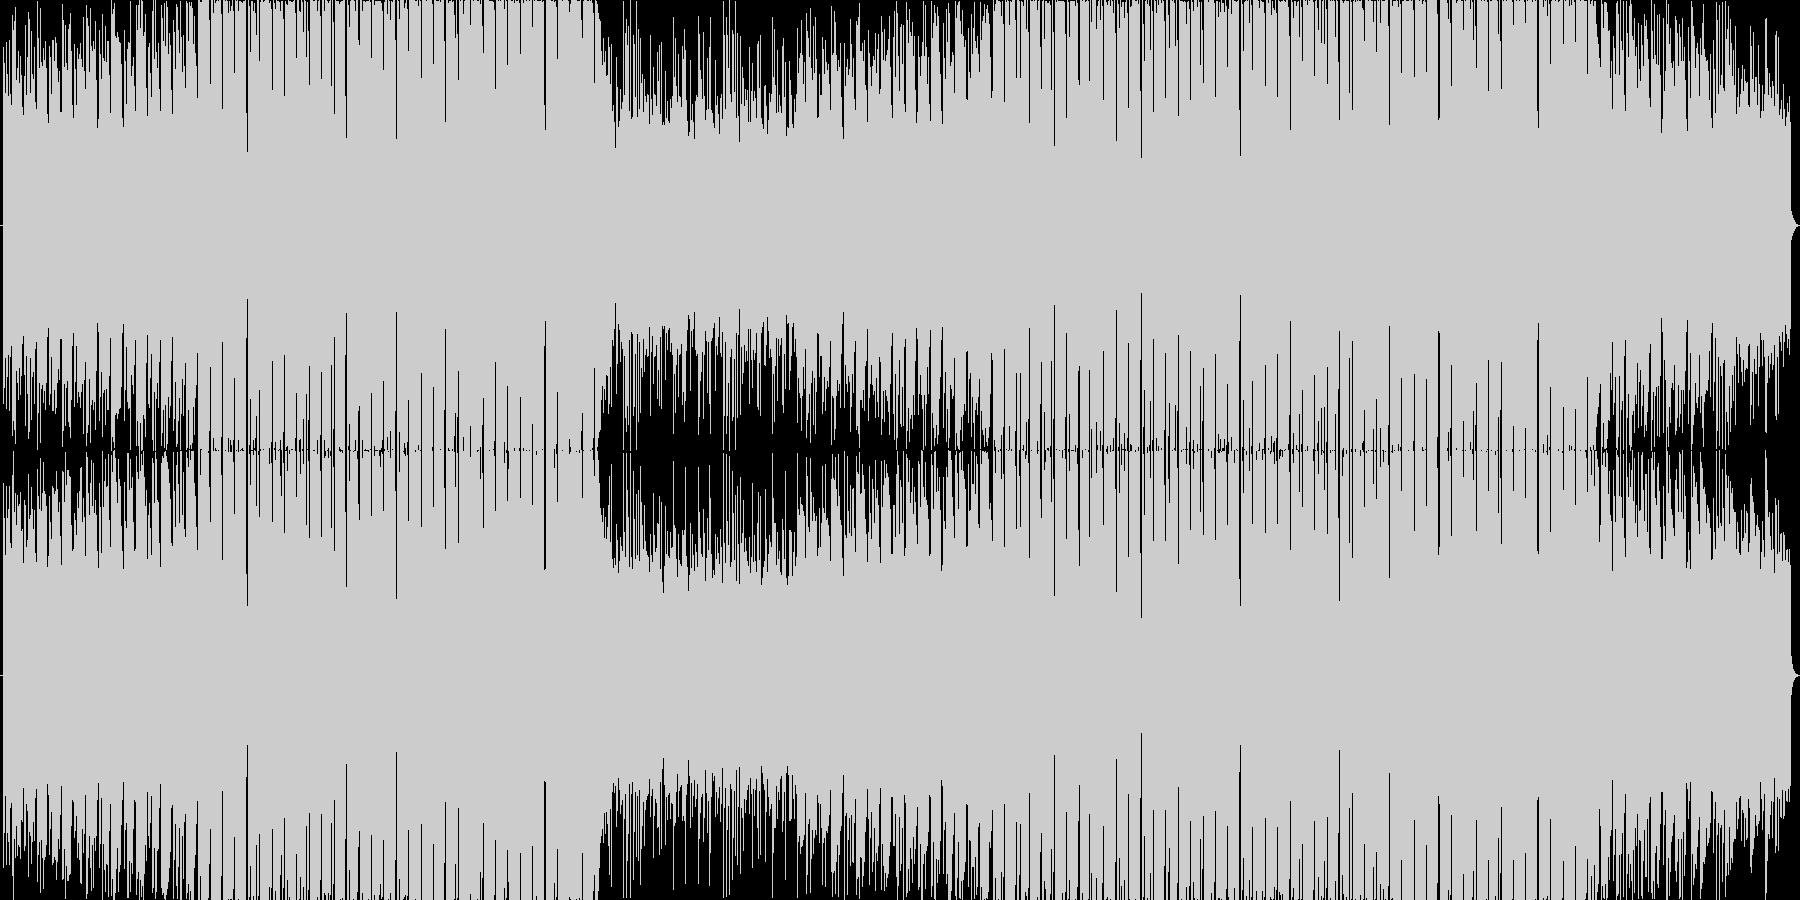 まったりとした和風フューチャーベース☆彡の未再生の波形